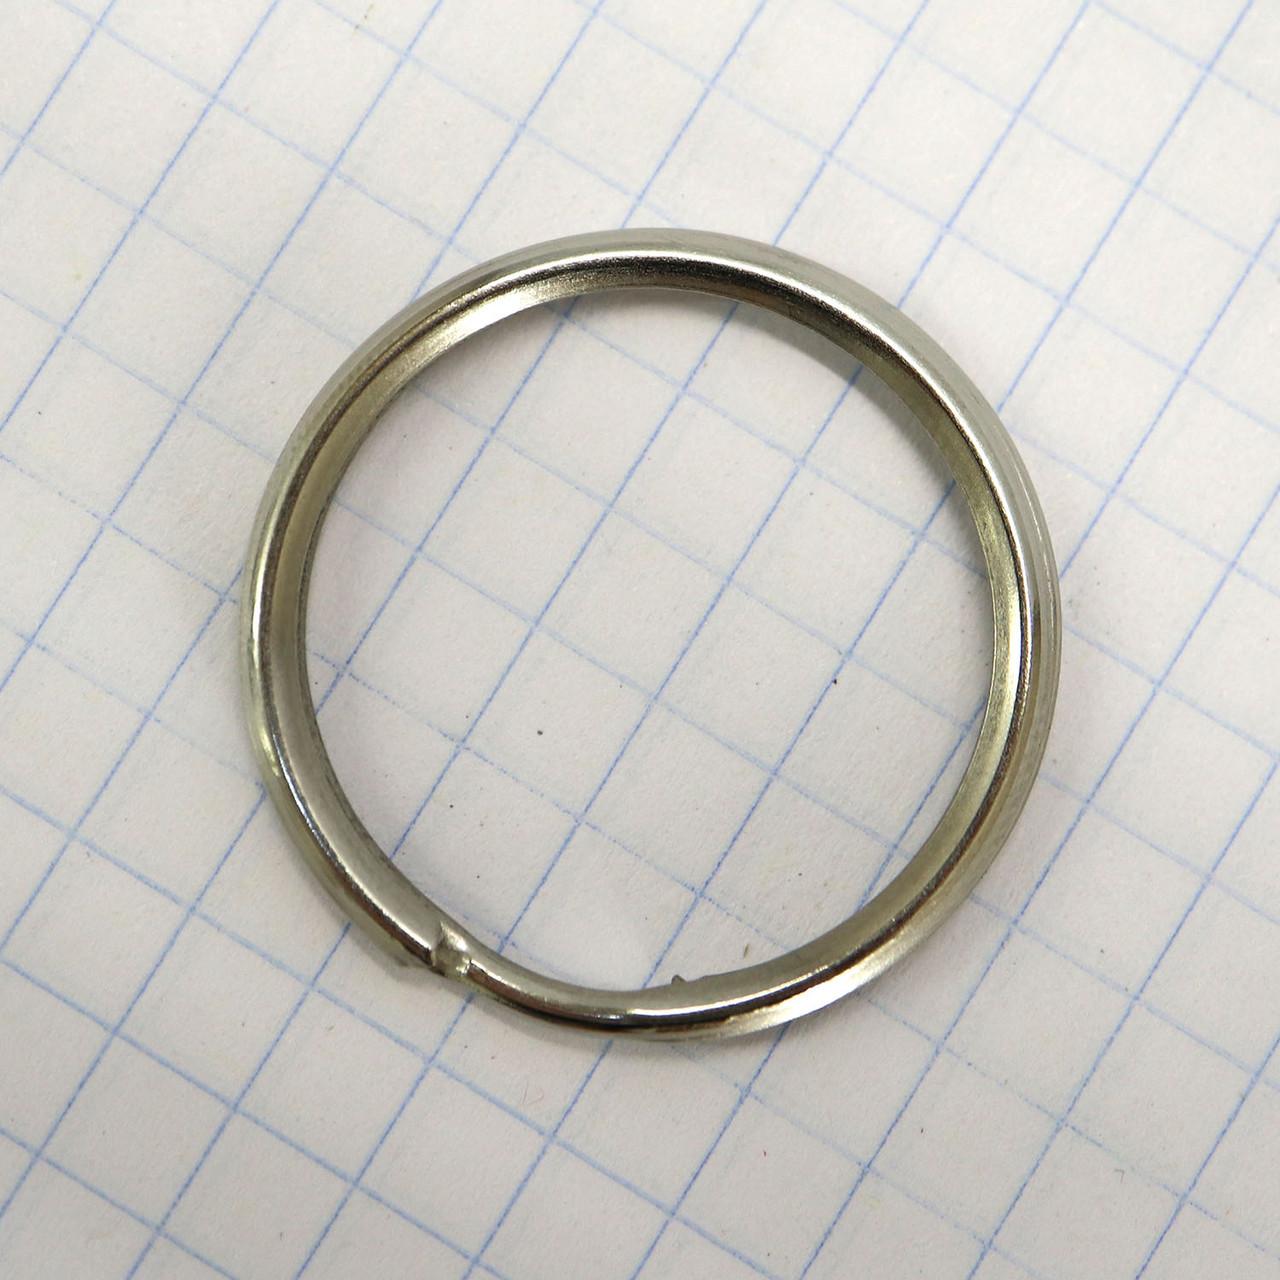 Кольцо ключное 24 мм никель для сумок t4346 (50 шт.)